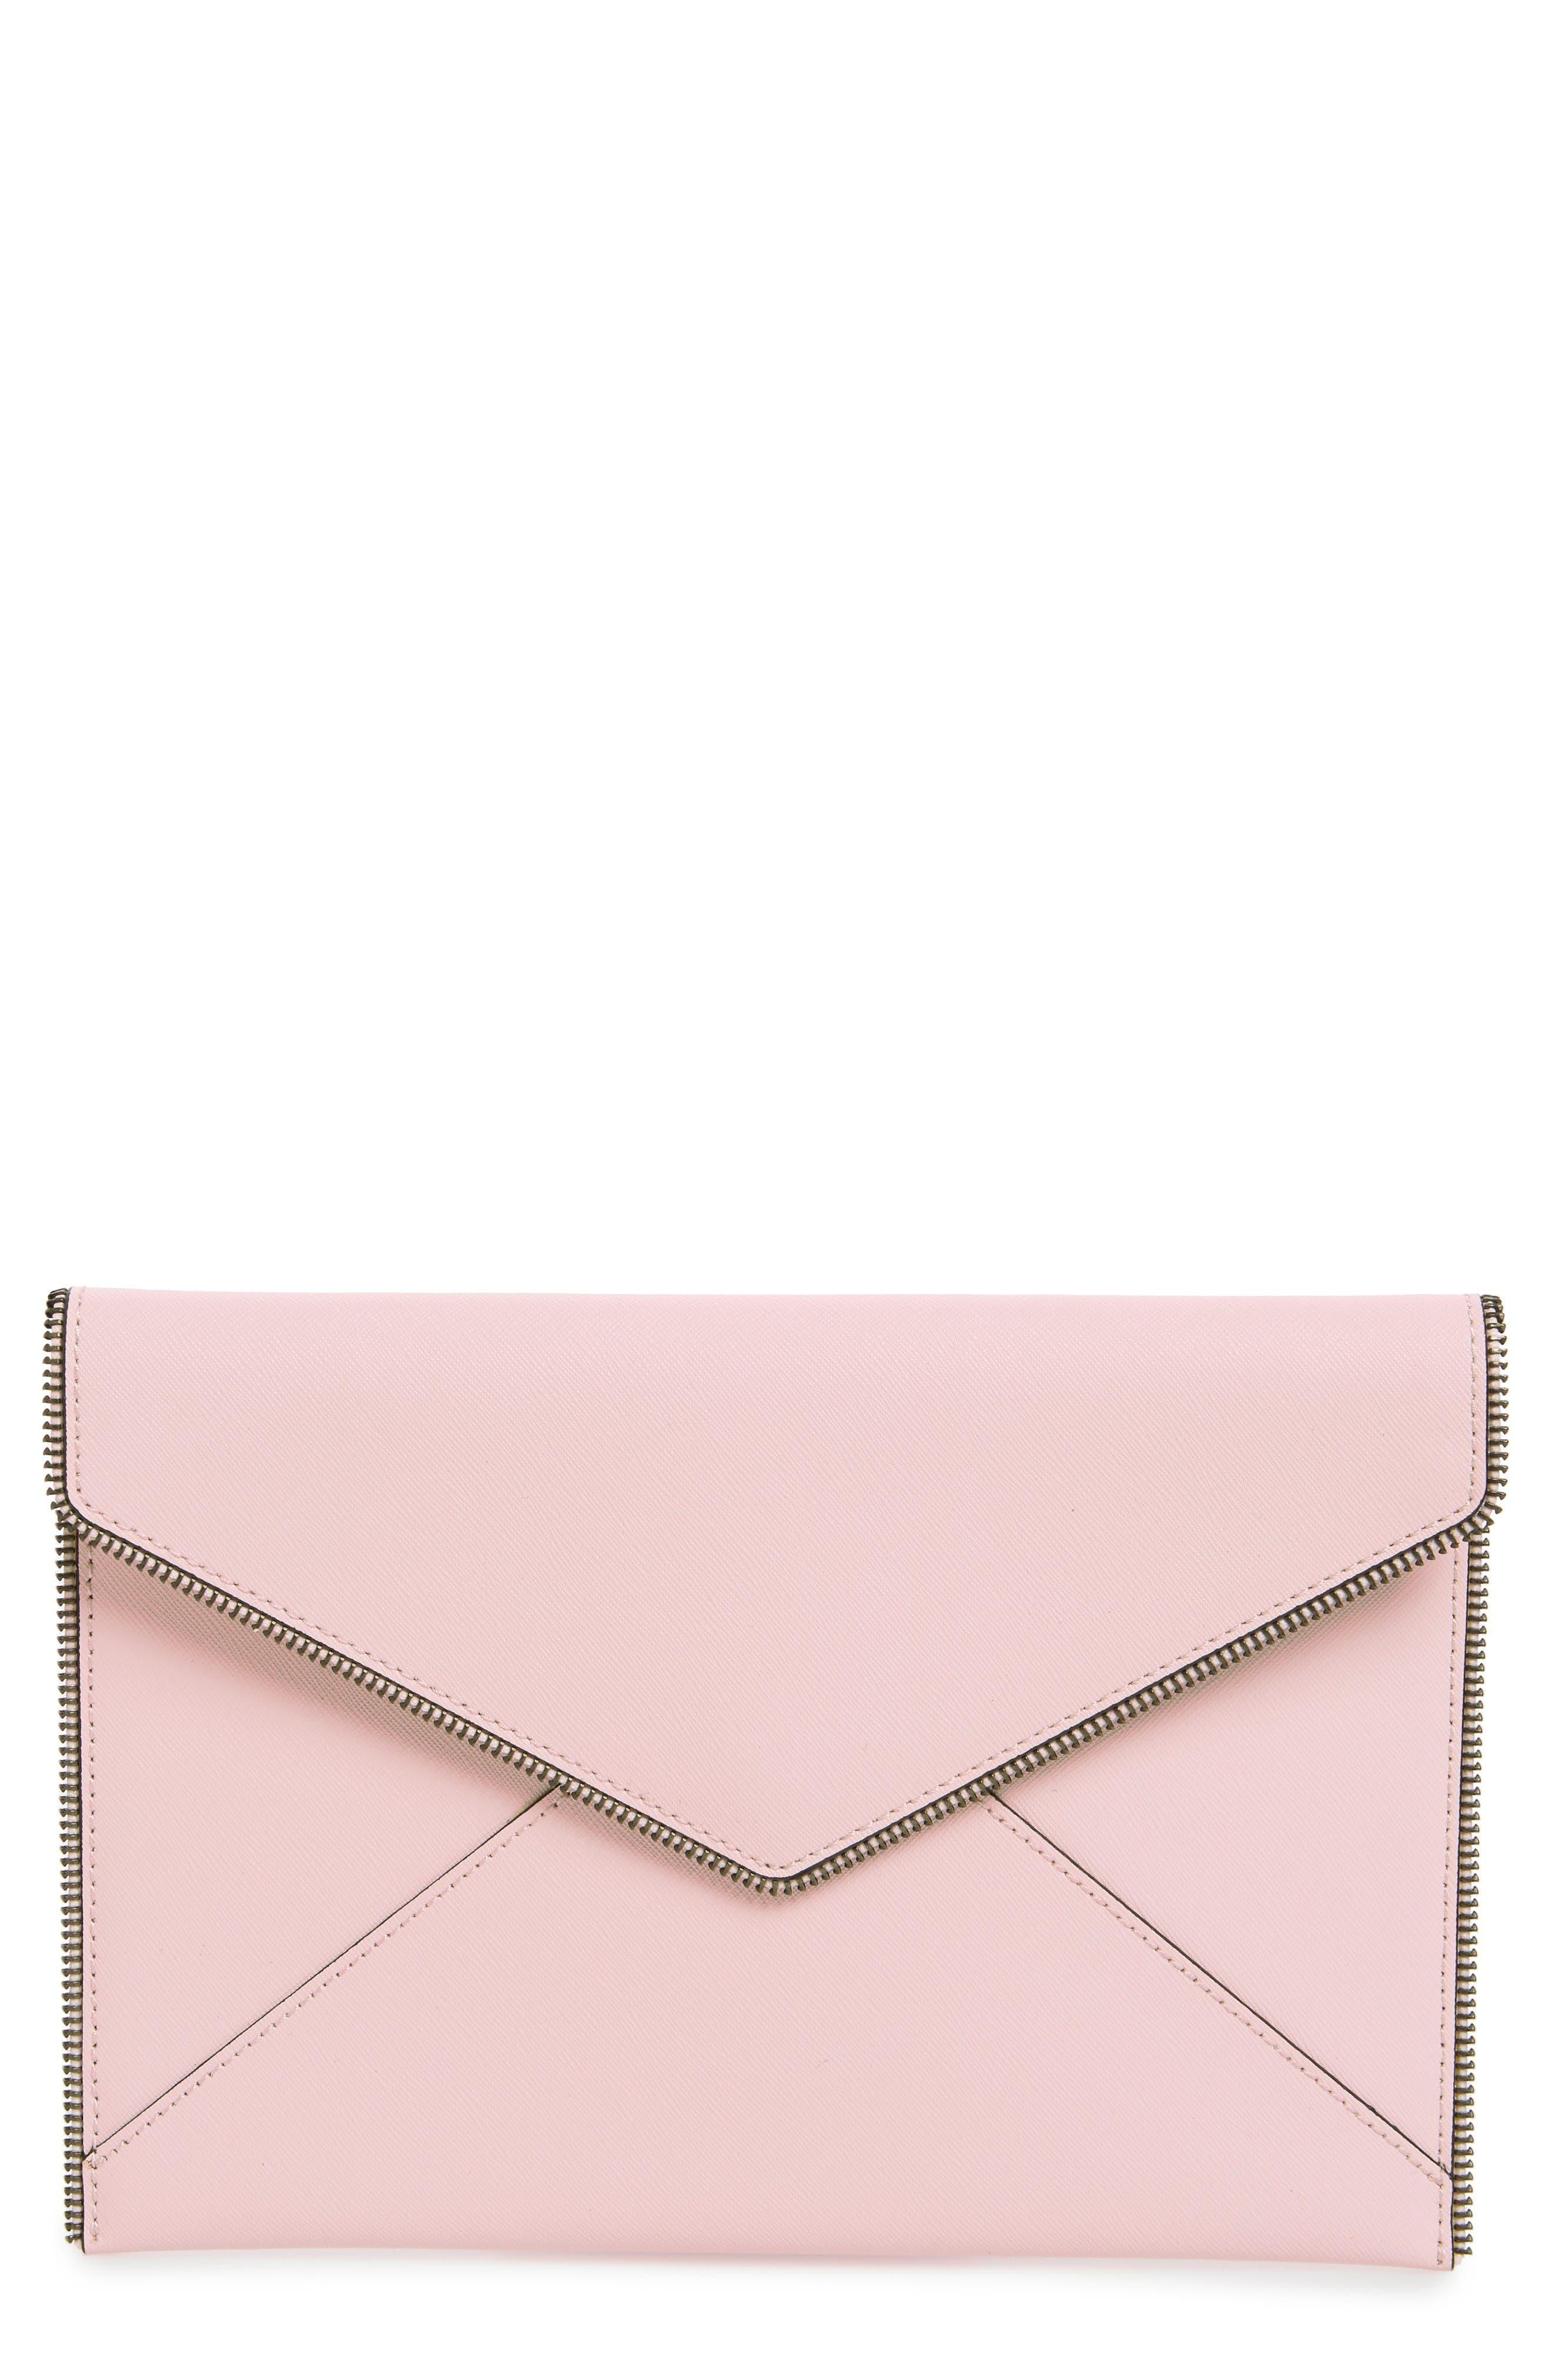 Rebecca Minkoff 'Leo' Envelope Clutch